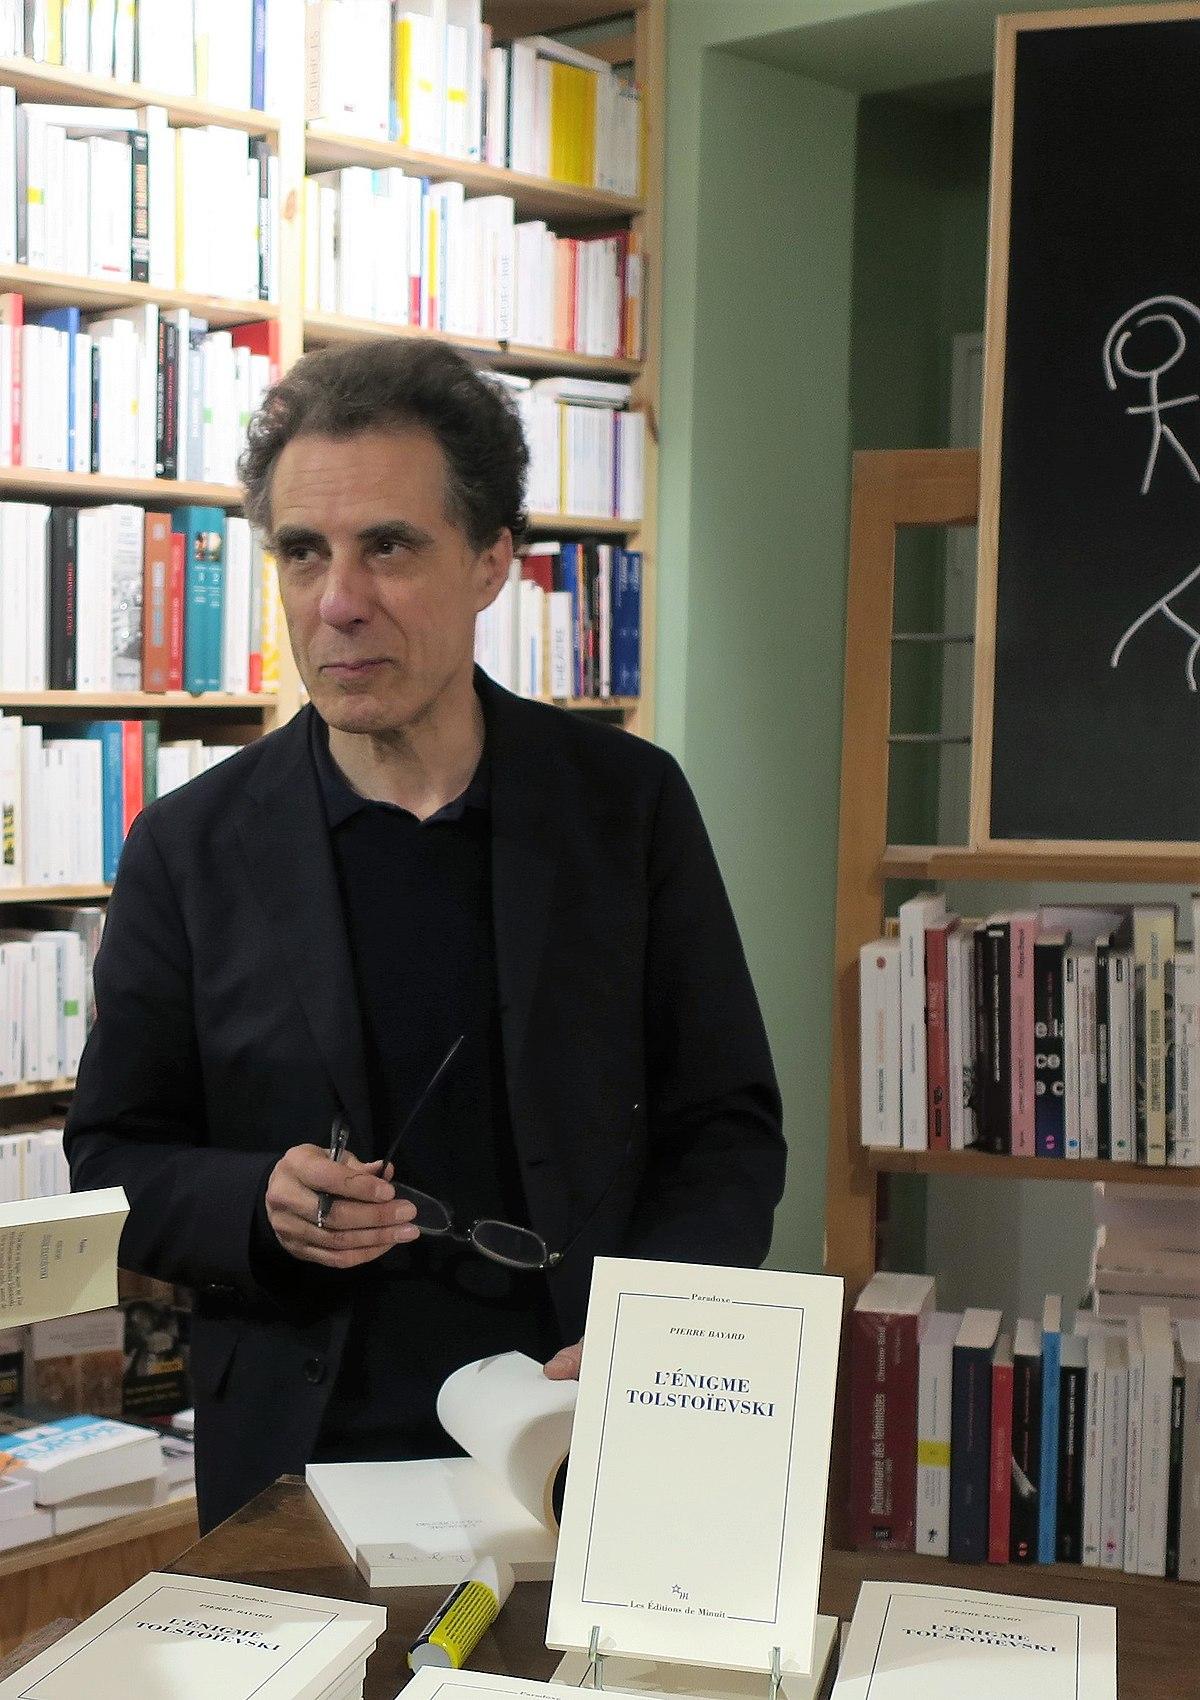 Comment Parler Des Livres Que L'on N'a Pas Lus : comment, parler, livres, Pierre, Bayard, Wikipedia